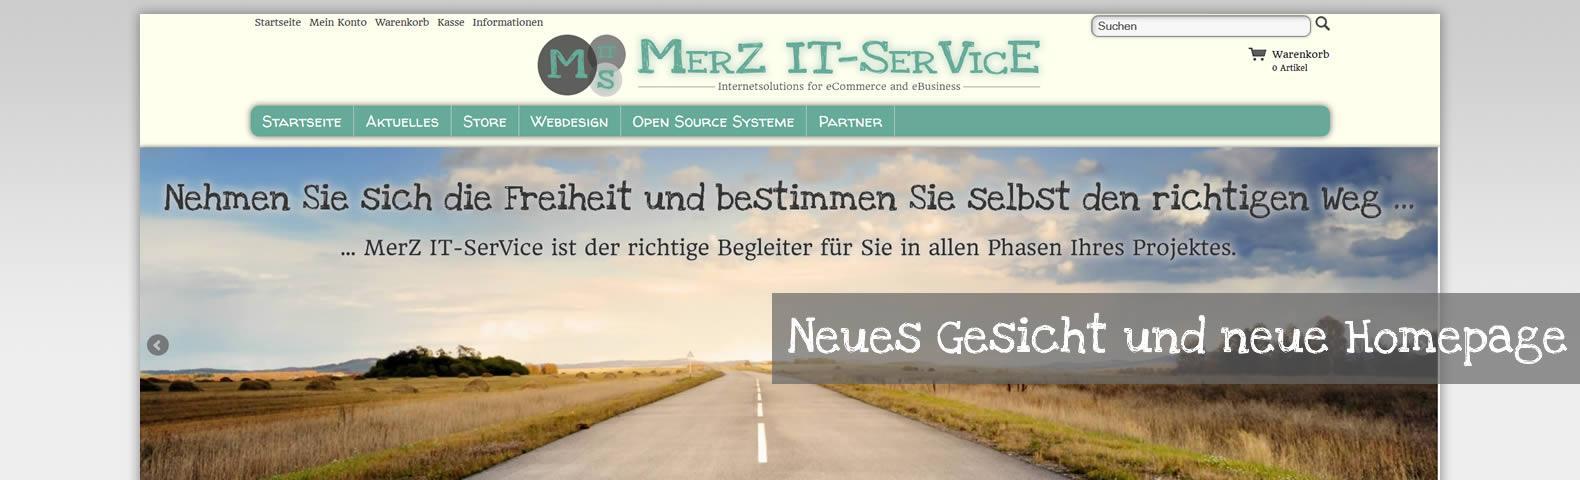 MerZ IT-SerVice mit neuem Gesicht und Internetauftritt